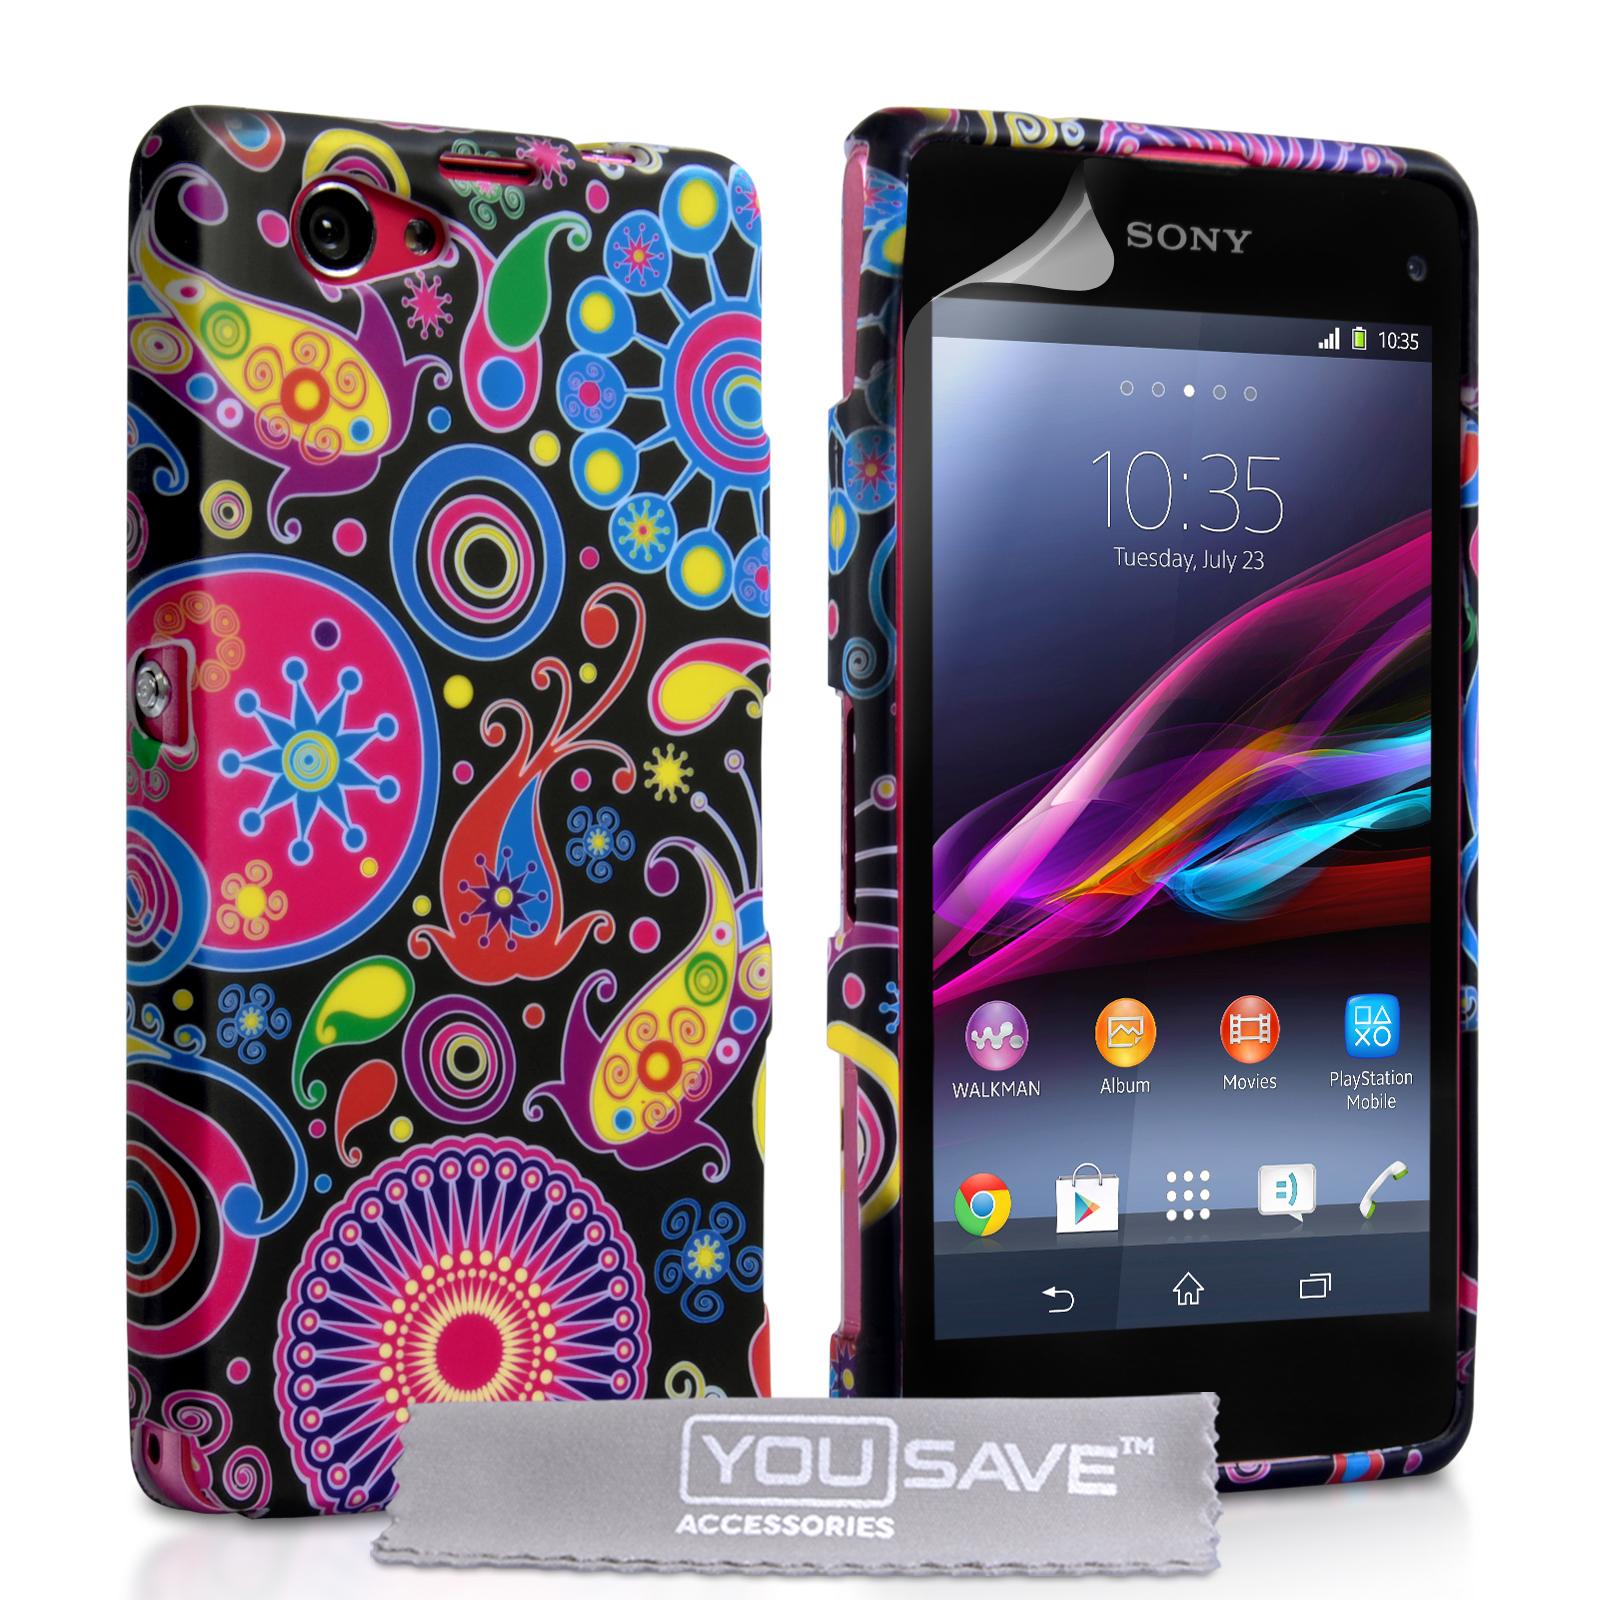 Θήκη Sony Xperia Z1 Compact by YouSave (Z941)